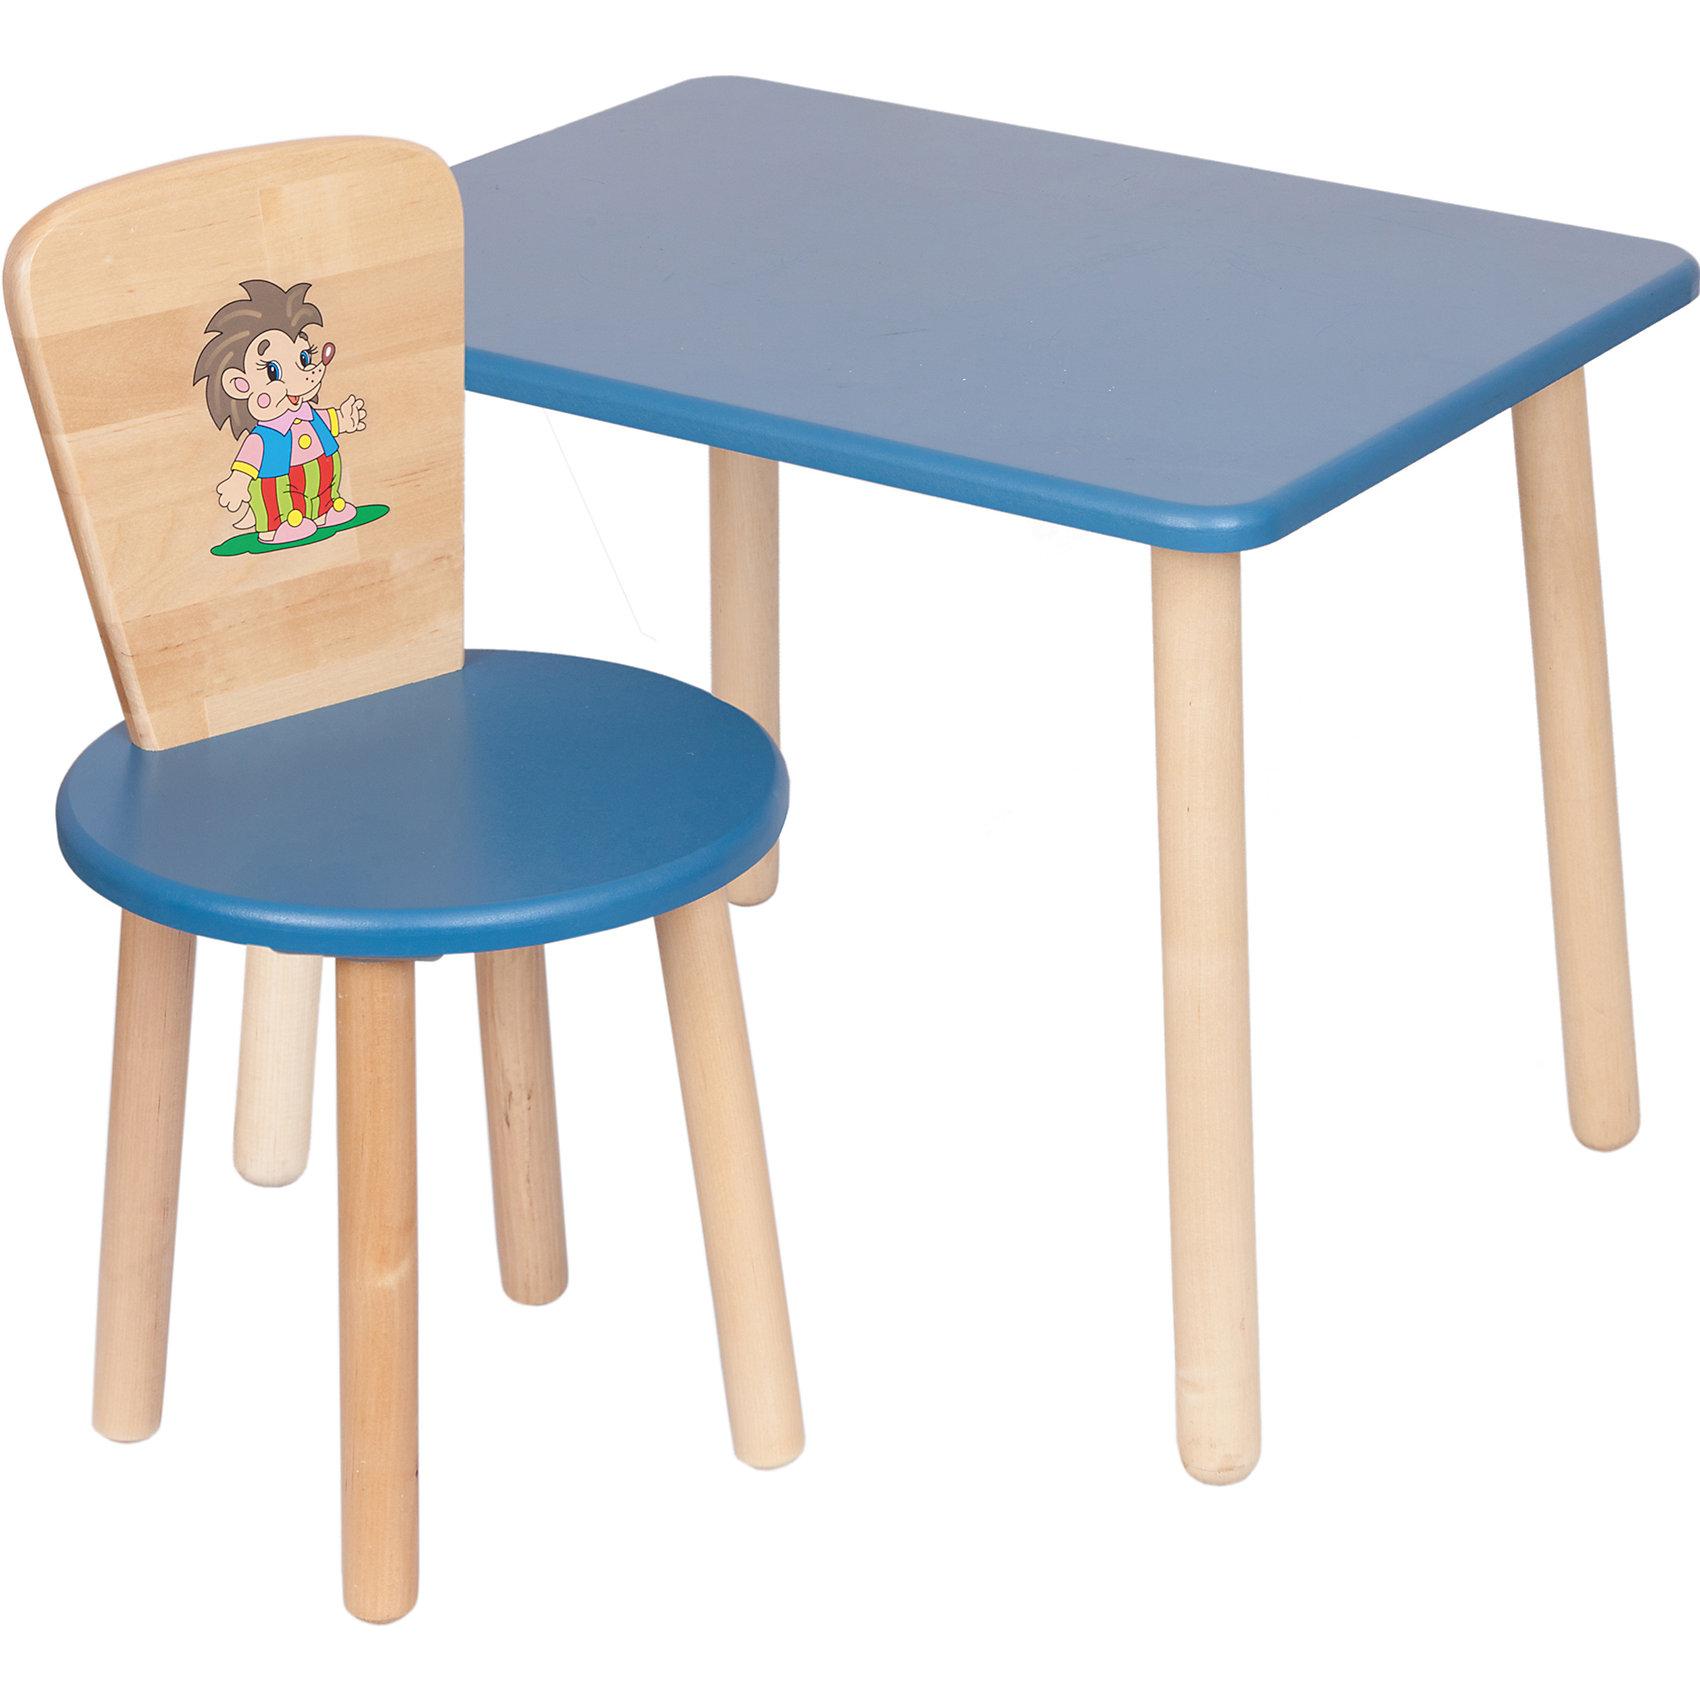 Набор: стол и стул, Русэкомебель, синийМебель<br>Набор мебели Эко от известного производителя Русэкомебель - практичный и красивый комплект, состоящий из стола и стула. Яркая мебель прекрасно впишется в интерьер детской и обязательно понравится вашему ребенку. Стул и стол не имеют острых углов, которые могут травмировать малышей. Гладкая поверхность столешницы и сиденья позволяет легко устранять любые загрязнения. Стол прямоугольной формы идеально подойдет для занятий, игр и творчества. Набор выполнен из высококачественных материалов, раскрашен безопасными, экологичными и нетоксичными красителями. <br><br>Дополнительная информация:<br><br>- Комплектация: стол, стул.<br>- Материал: дерево (береза), МДФ.<br>- Не имеет острых углов. <br>- Размер столешницы: 45x60 см. <br>- Высота стола: 52 см.<br>- Диаметр стула: 31 см. <br>- Высота стула: 57 см.<br>- Высота стула (от пола до сиденья): 32 см.<br><br>Набор мебели Эко № 1, синий, можно купить в нашем магазине.<br><br>Ширина мм: 730<br>Глубина мм: 530<br>Высота мм: 140<br>Вес г: 8400<br>Возраст от месяцев: 24<br>Возраст до месяцев: 84<br>Пол: Унисекс<br>Возраст: Детский<br>SKU: 4756478